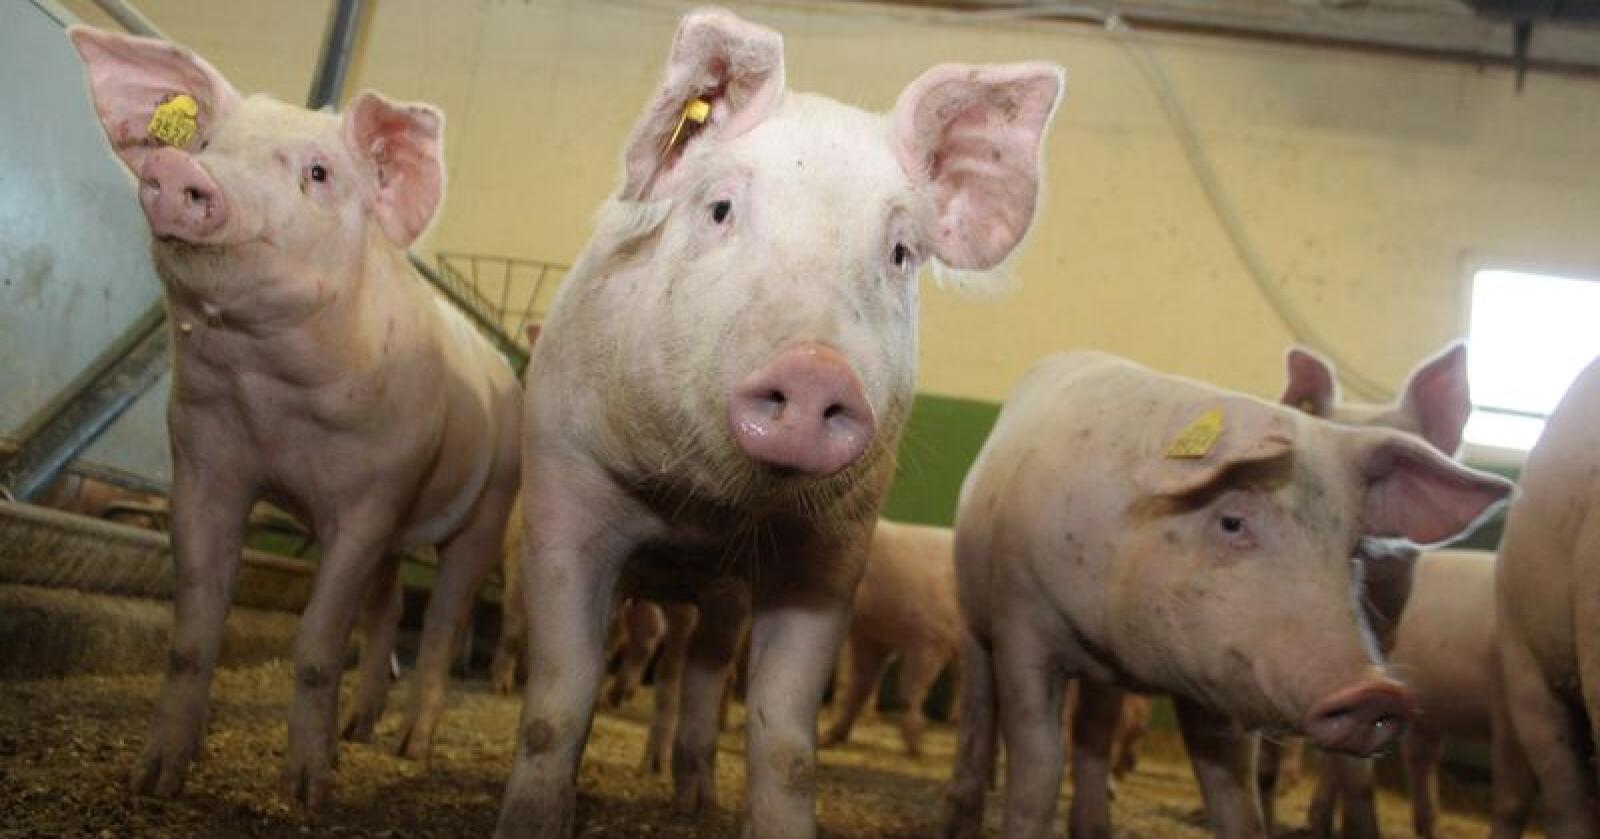 Norsk griseavl og griseproduksjon er i stor framgang. Foto: Øystein Heggdal